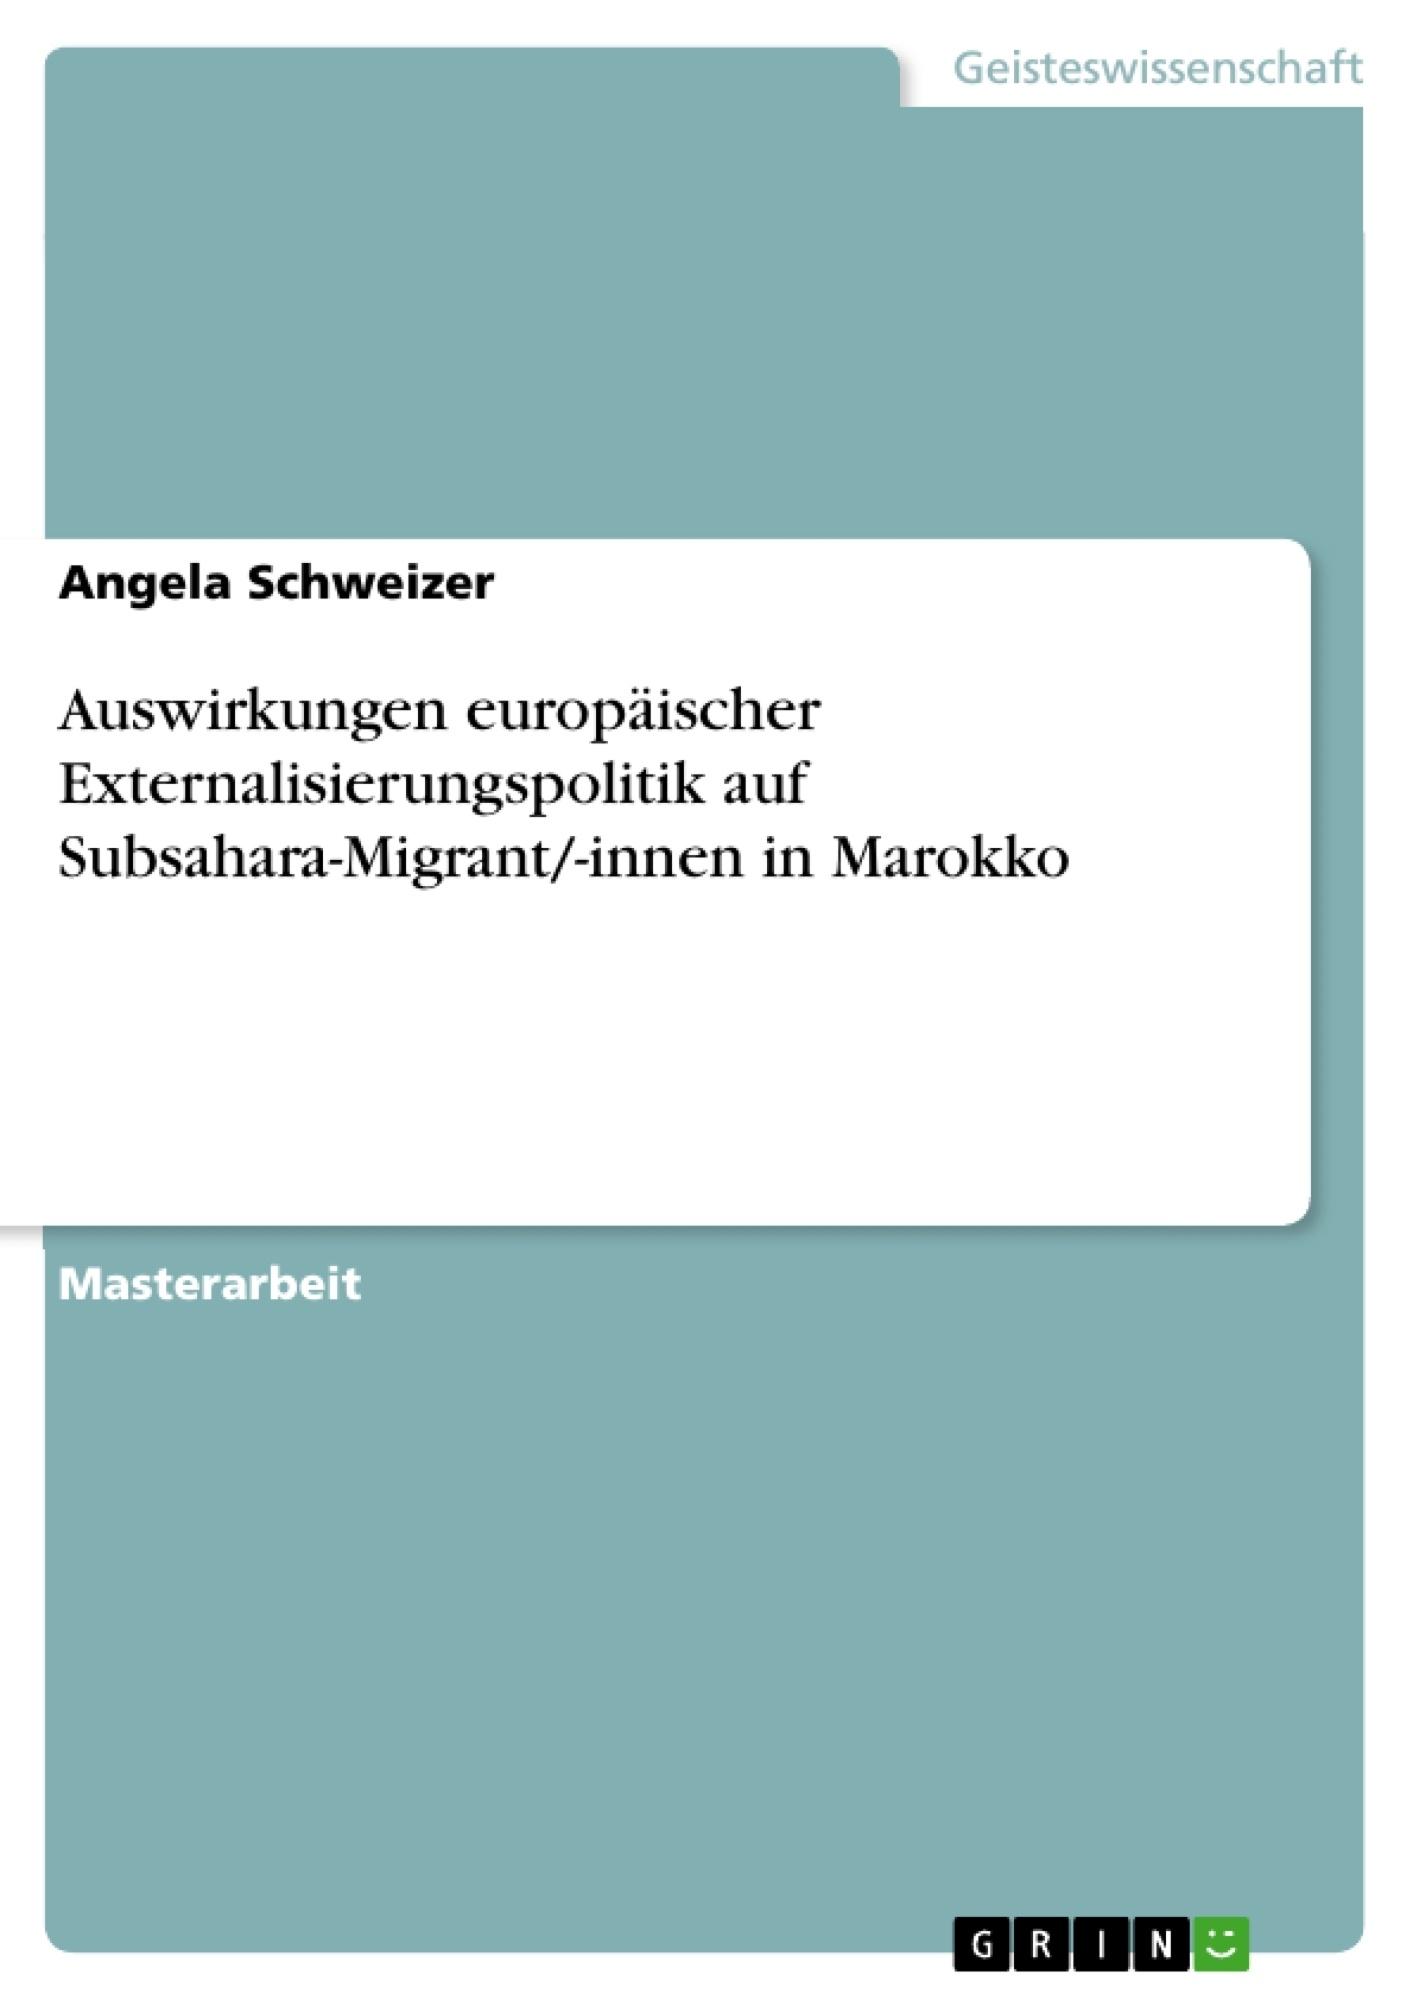 Titel: Auswirkungen europäischer Externalisierungspolitik auf Subsahara-Migrant/-innen in Marokko